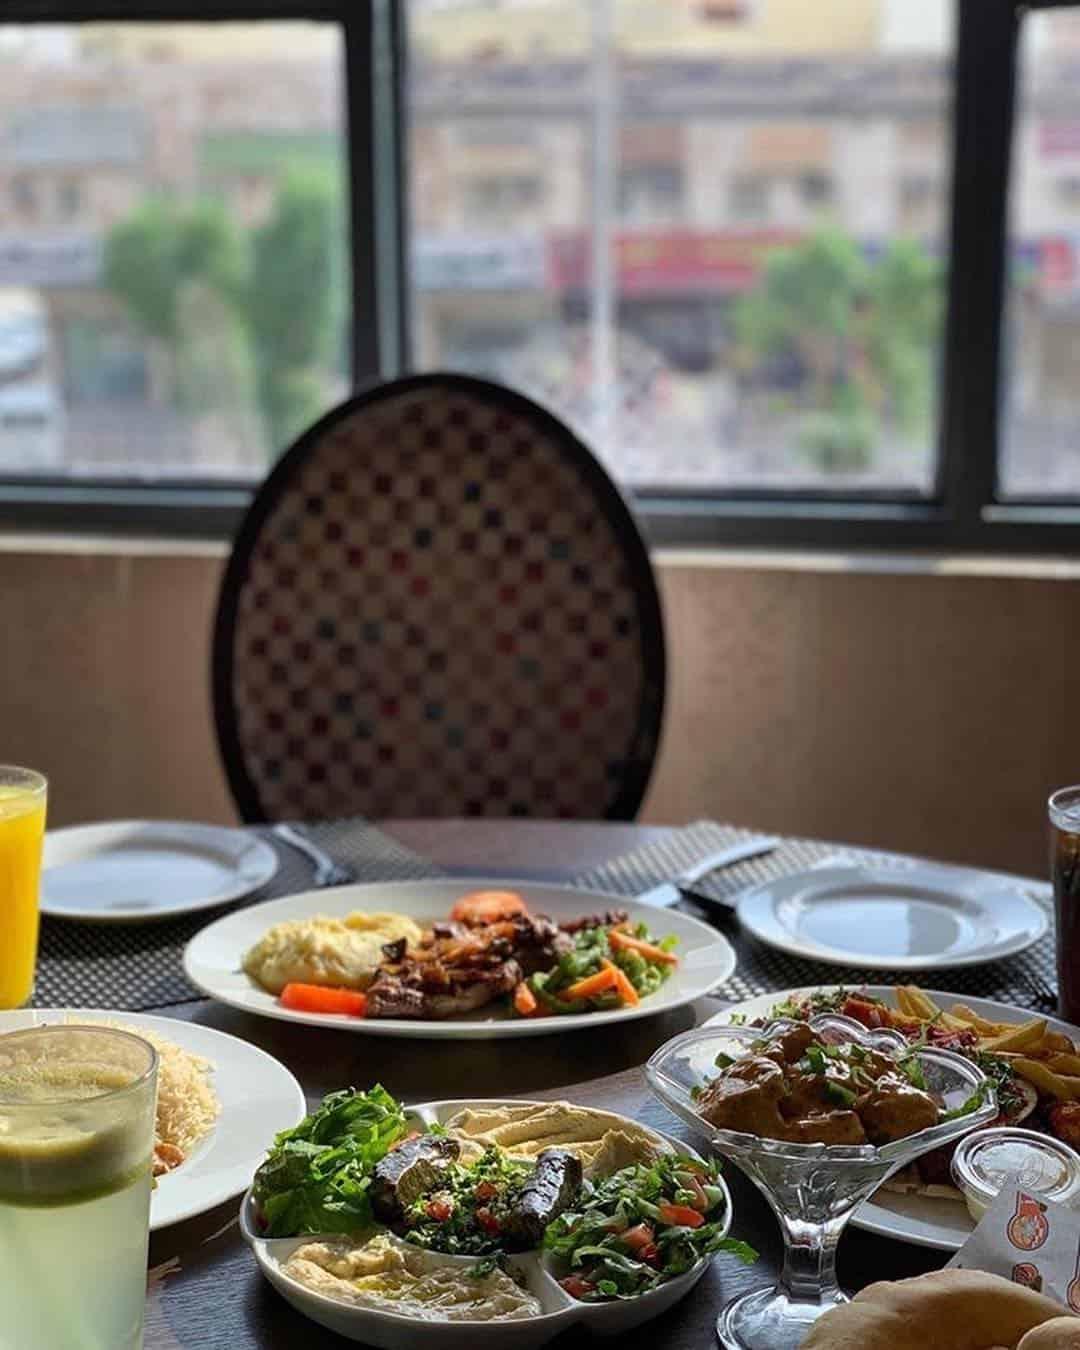 مطعم سينيز في مكه المكرمه